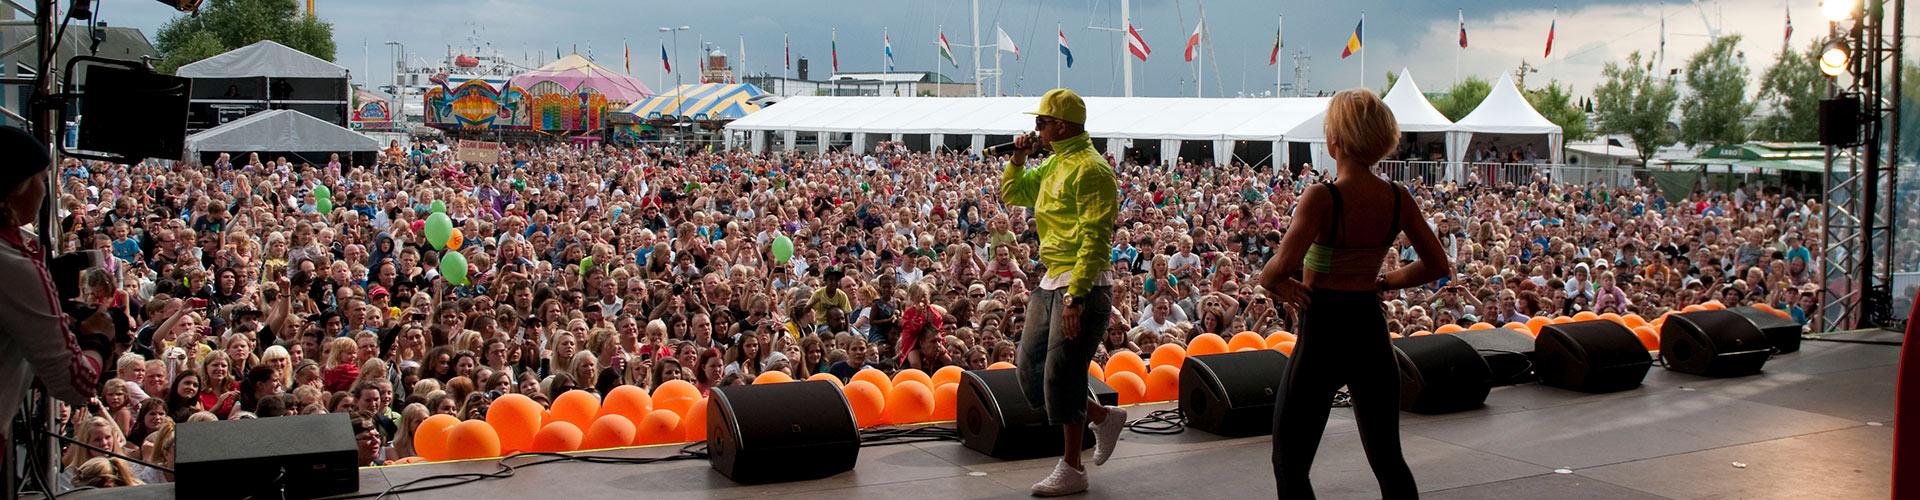 Helsingborgsfestivalen